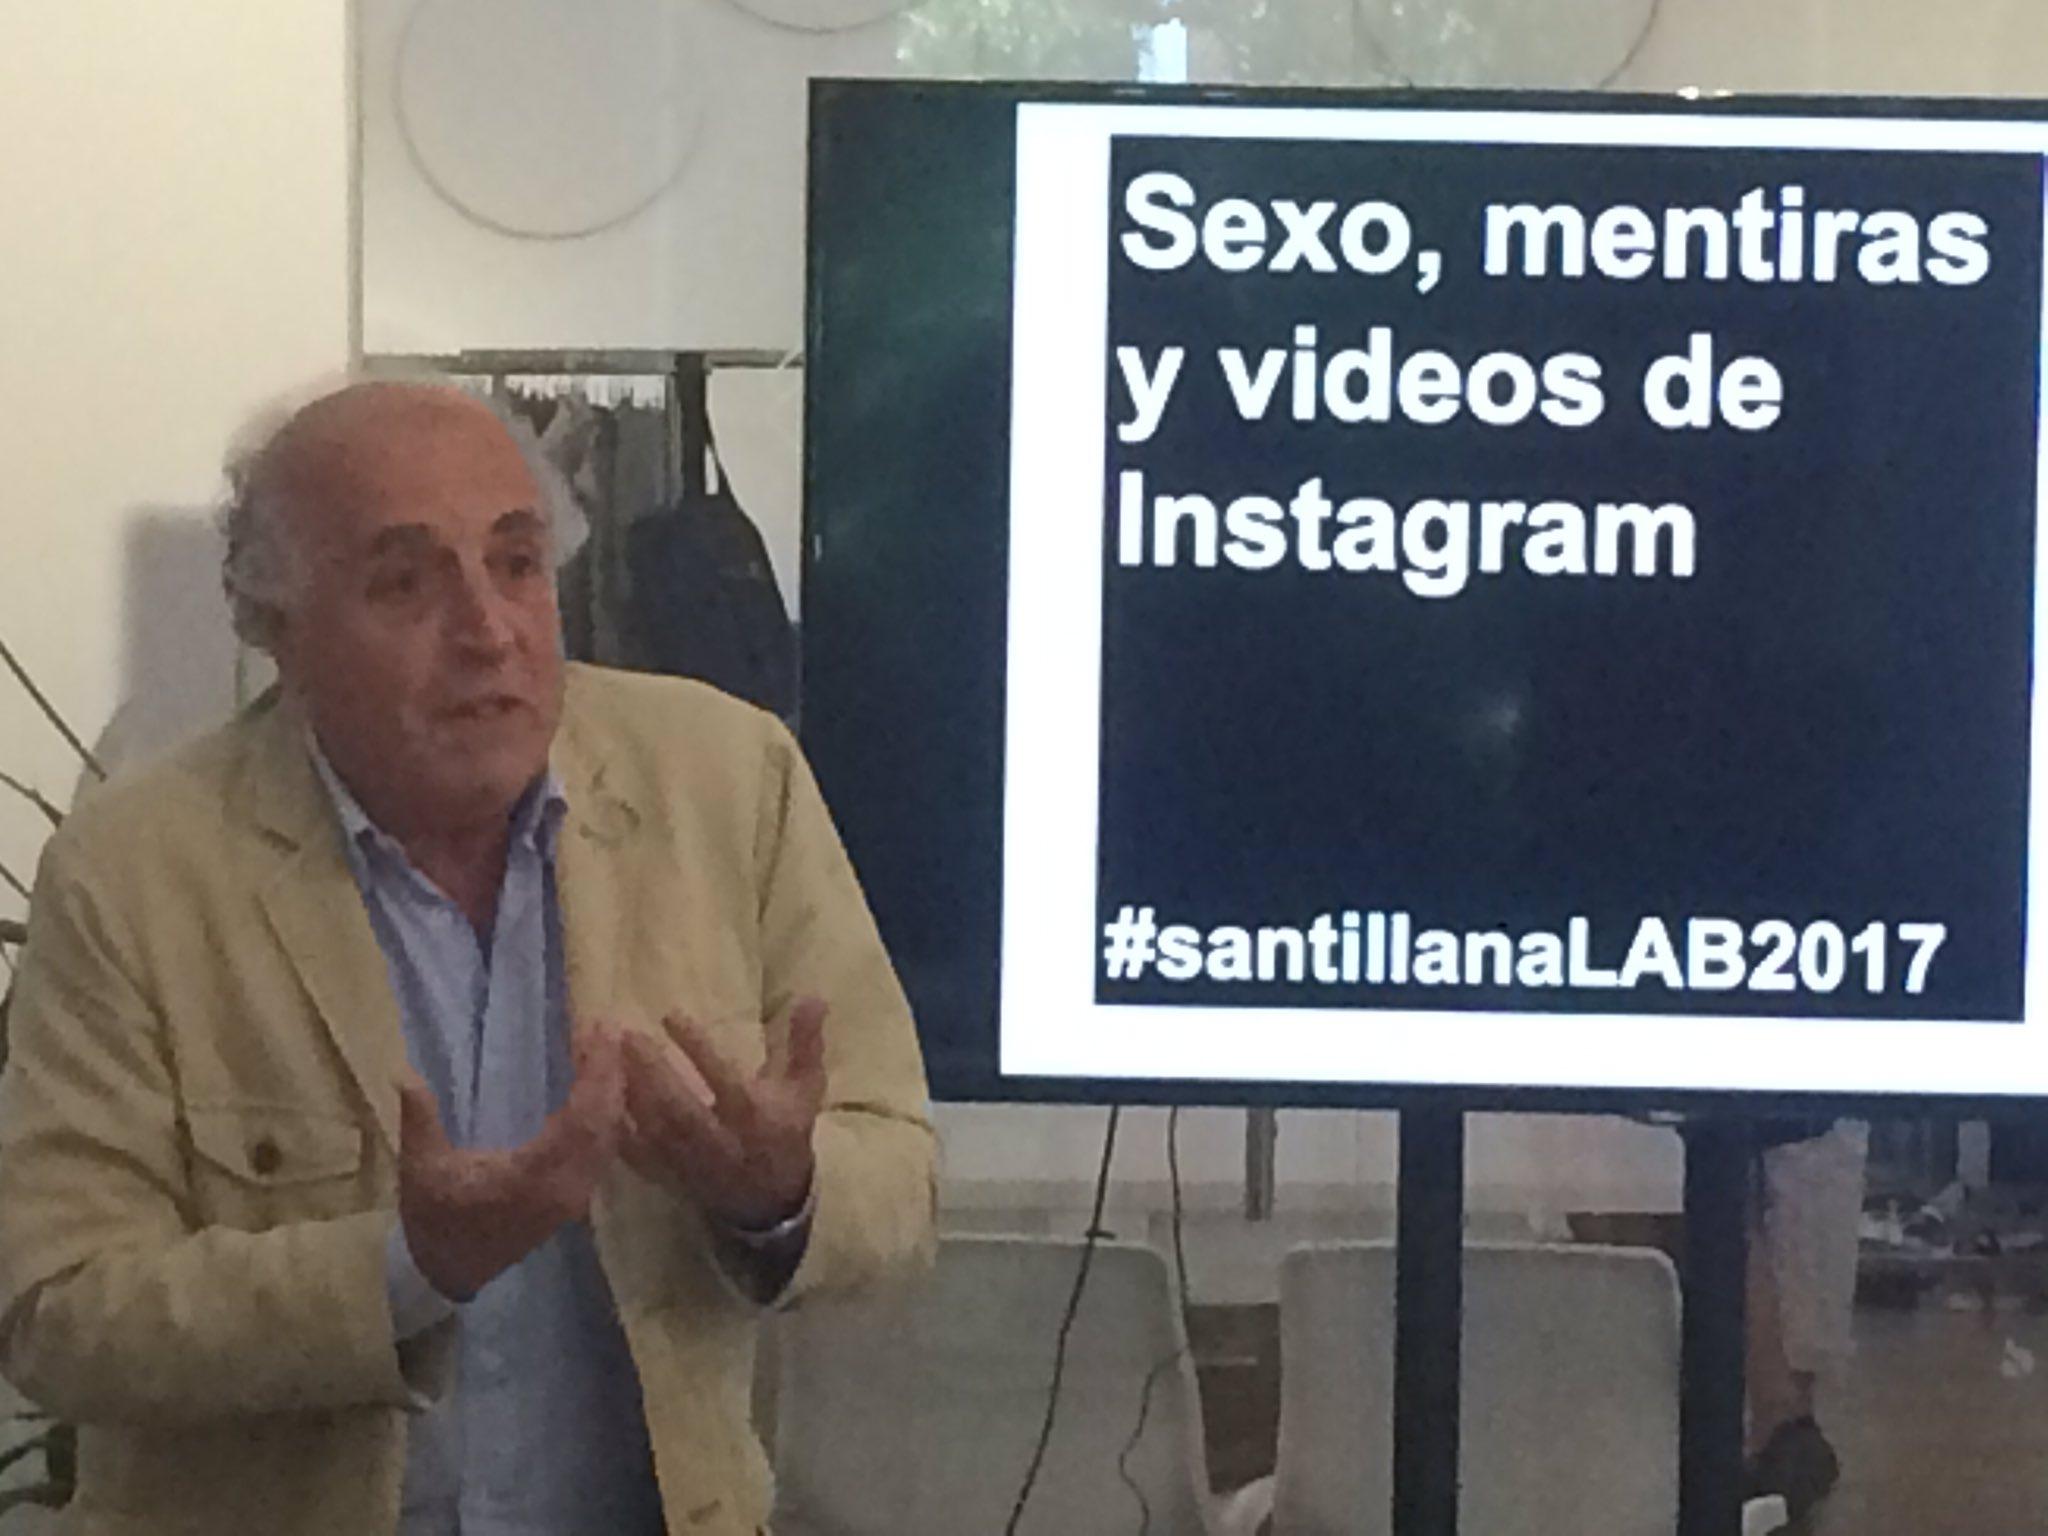 La red es un espacio sin lugares @ARdelasH #SantillanaLAB https://t.co/vC7trvi2hP